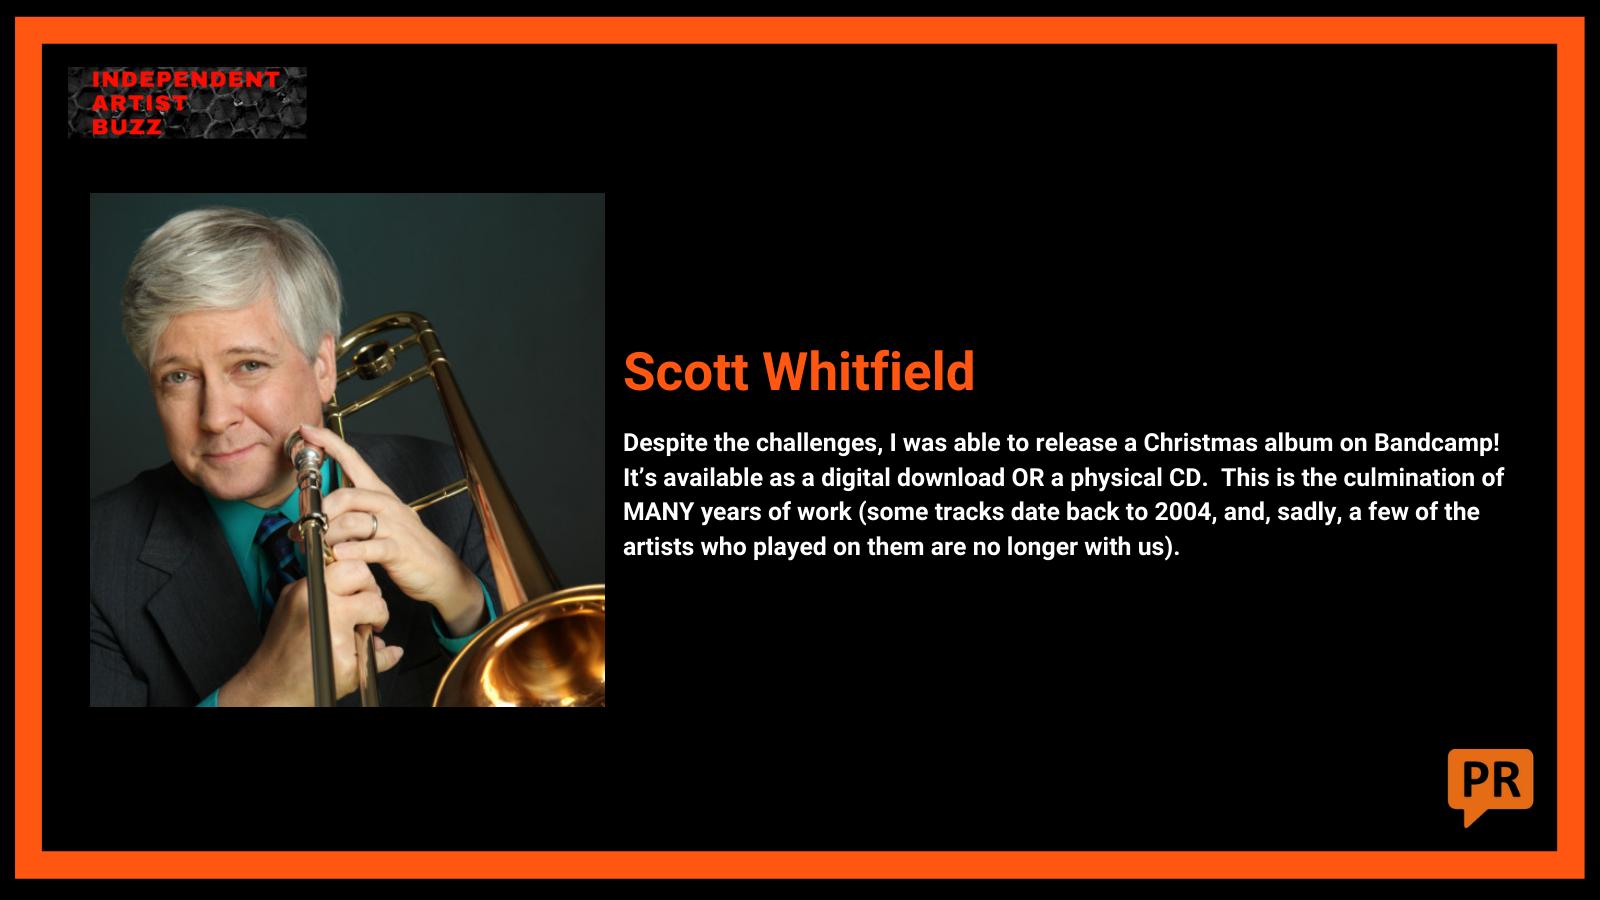 Scott Whitfield